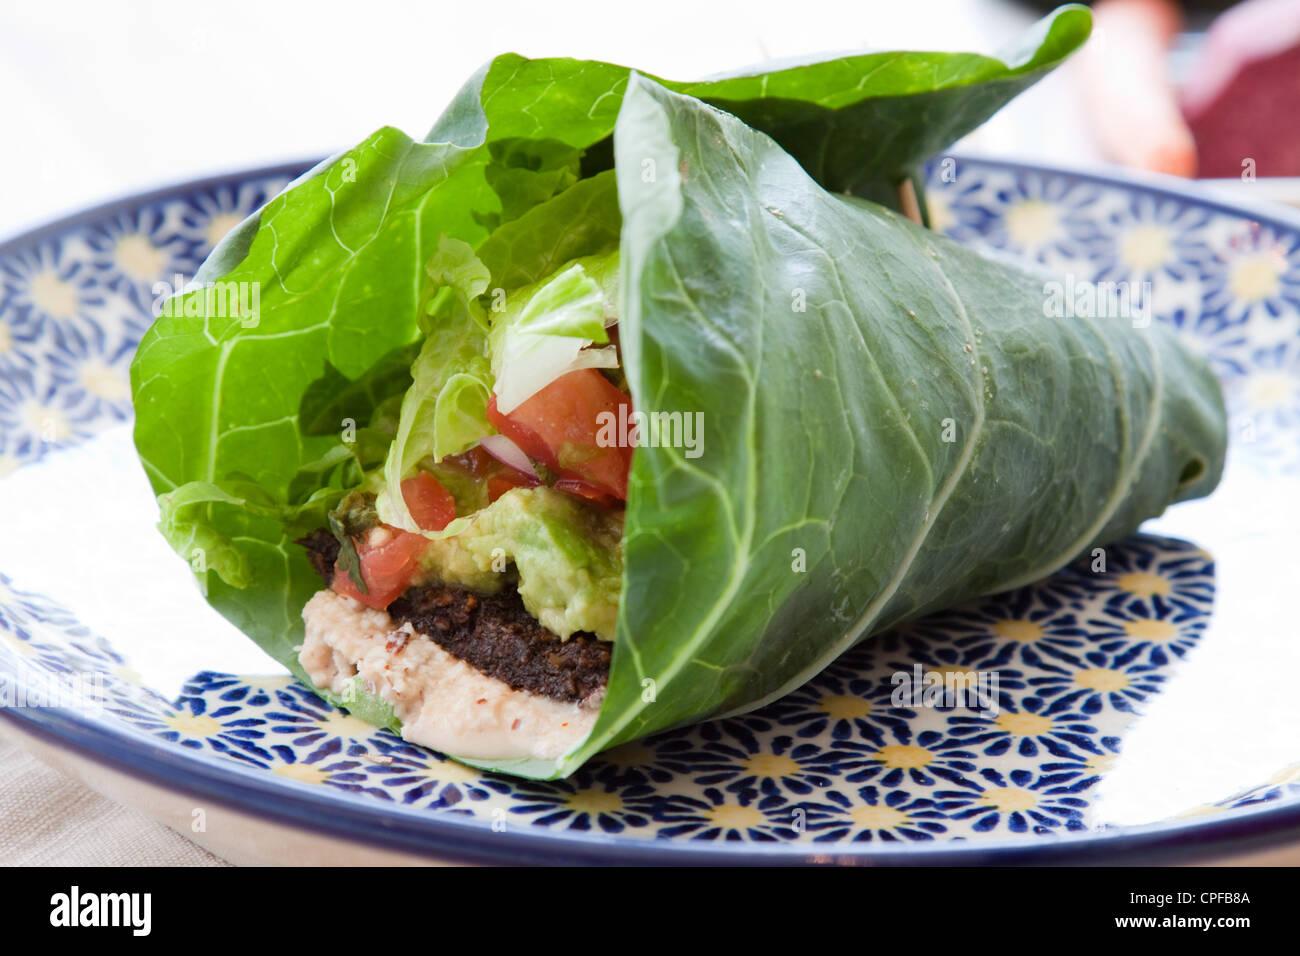 Dado condita focaccia, guacamole, lattuga romana, salsa e dado di mandorle formaggio avvolto in una foglia di Collard. Immagini Stock